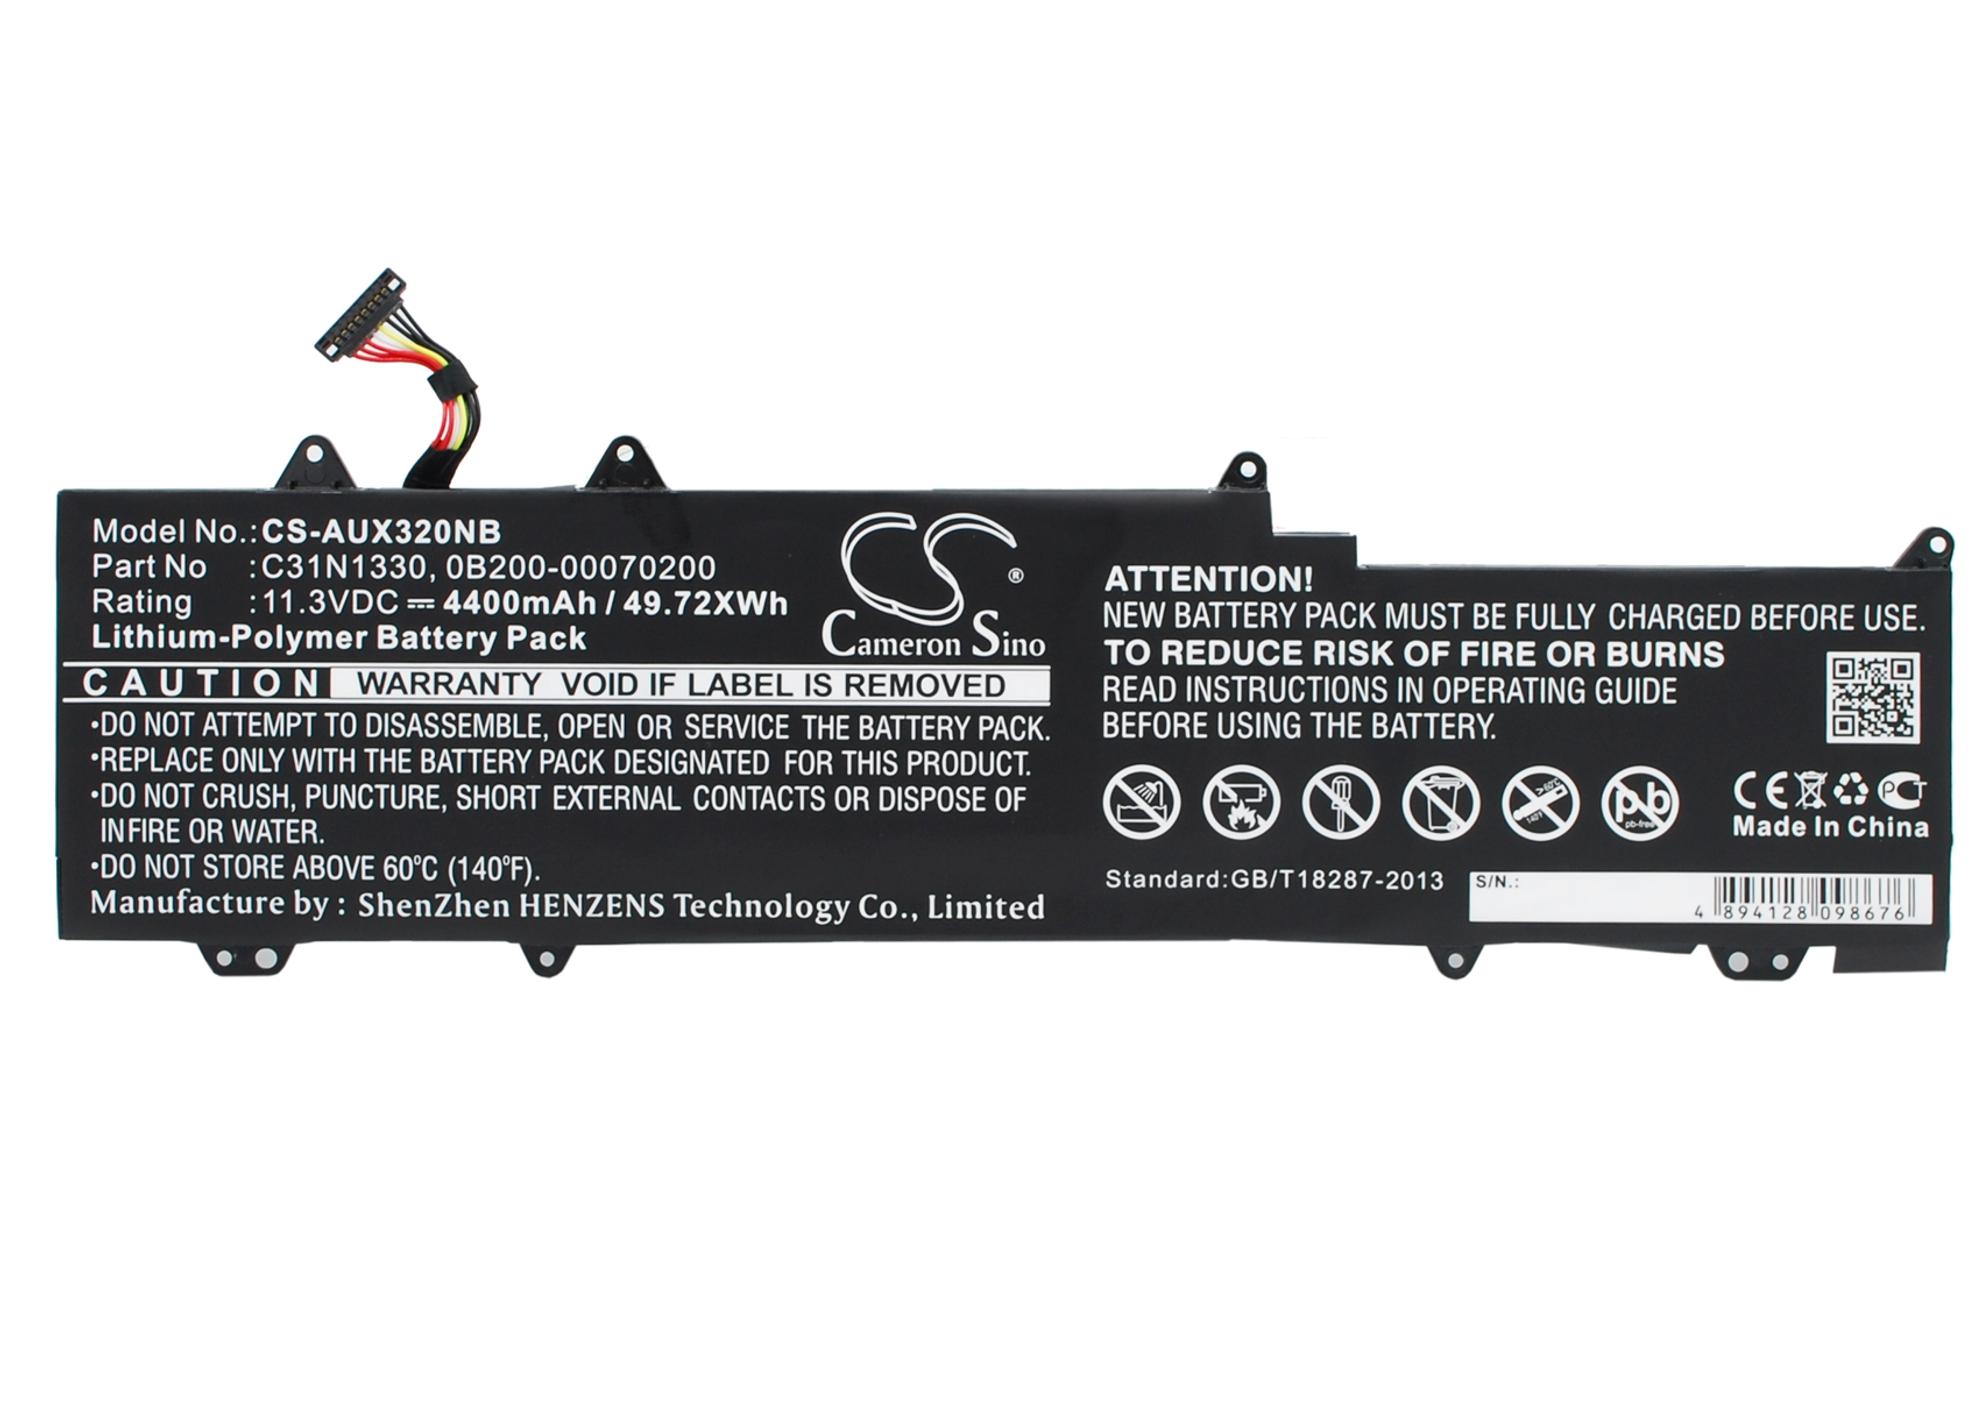 Cameron Sino baterie do notebooků pro ASUS Zenbook UX32LN-R4072H 11.3V Li-Polymer 4400mAh černá - neoriginální